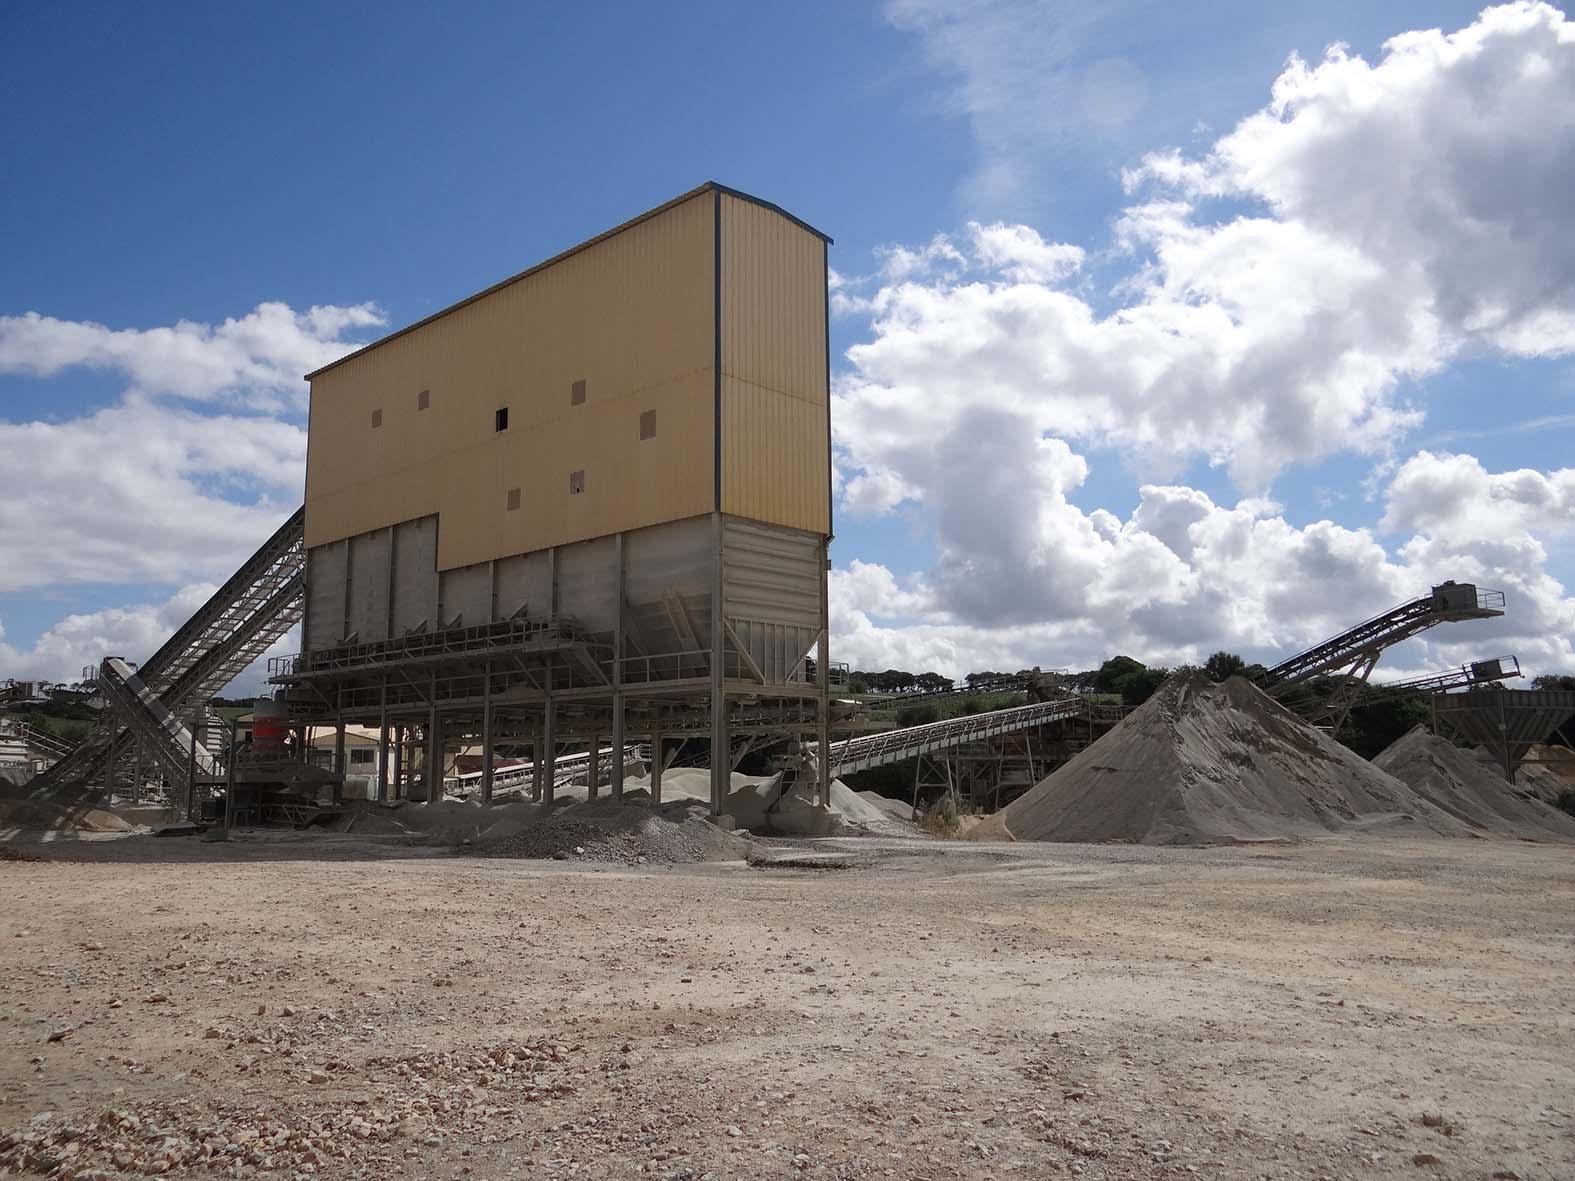 Le Roux TP - Carrière - Matériaux proposés - Installation tertiaire -1